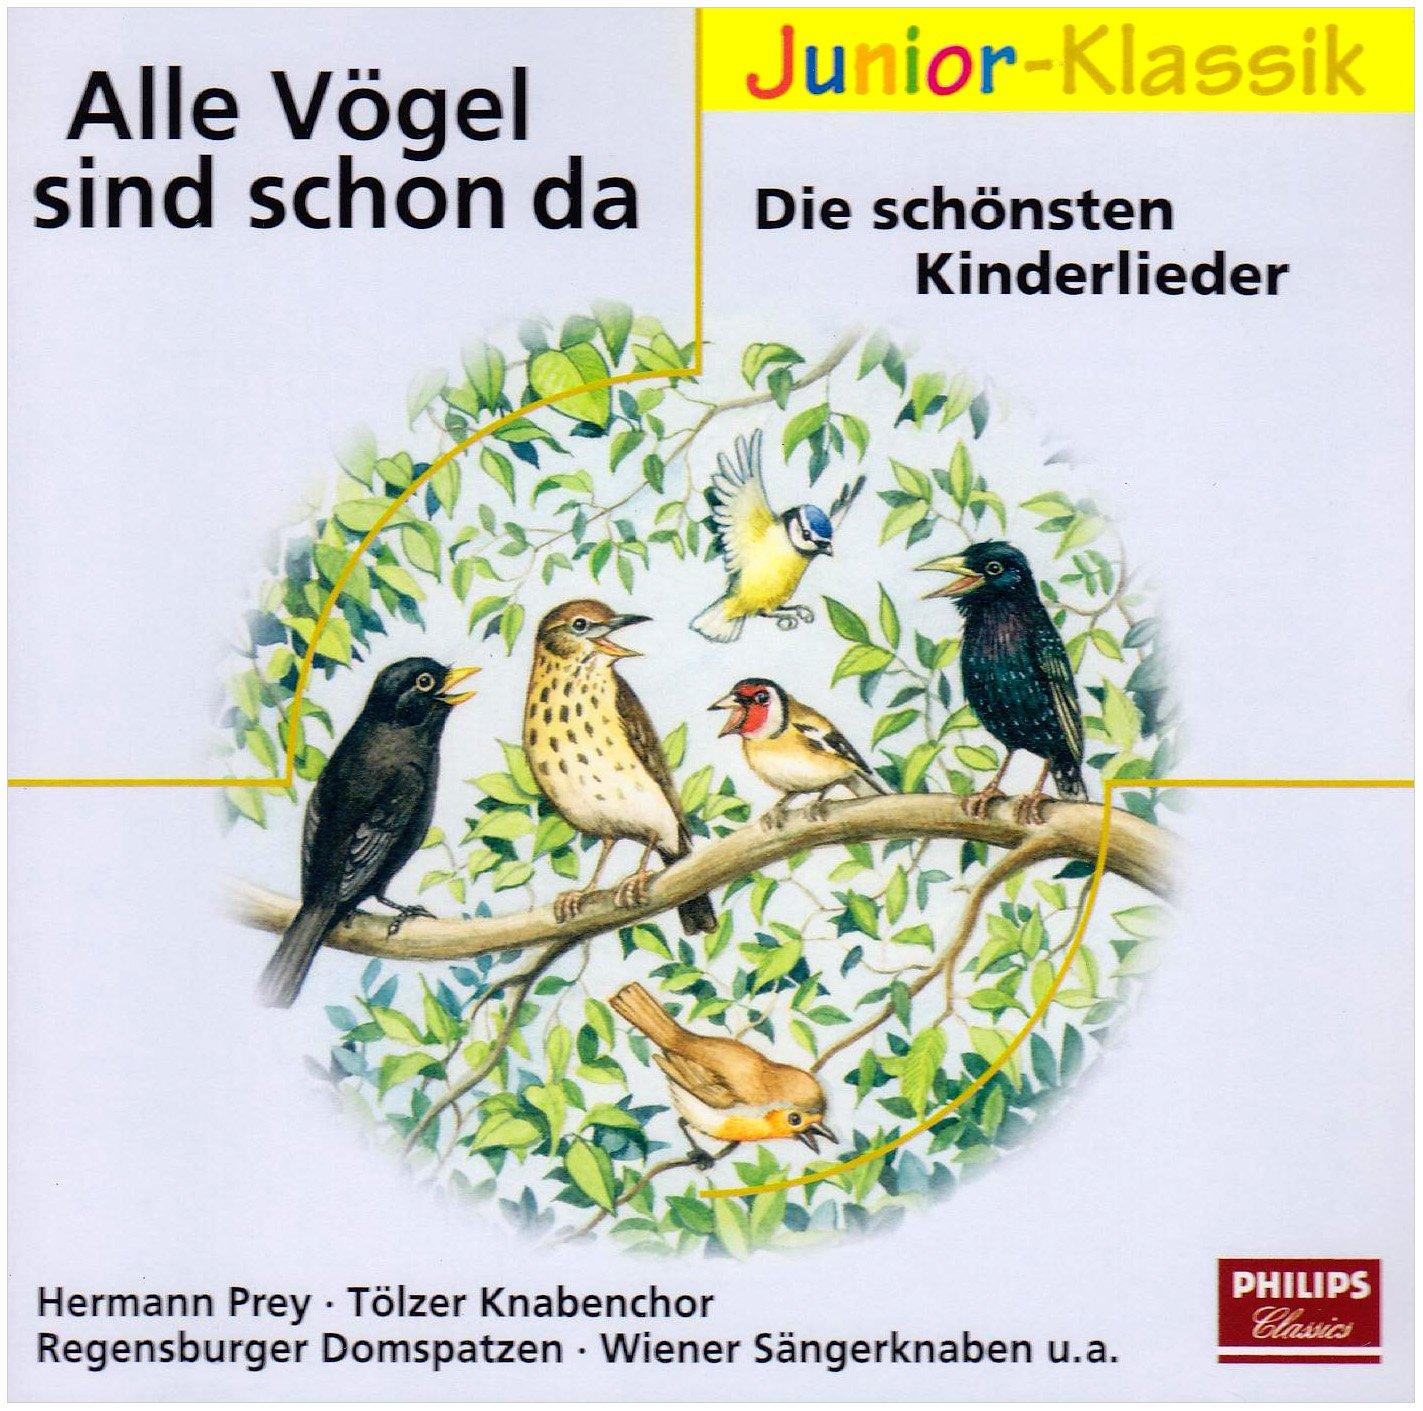 Alle Vögel sind schon da - die schönsten Kinderlieder (Eloquence Junior - Klassik)